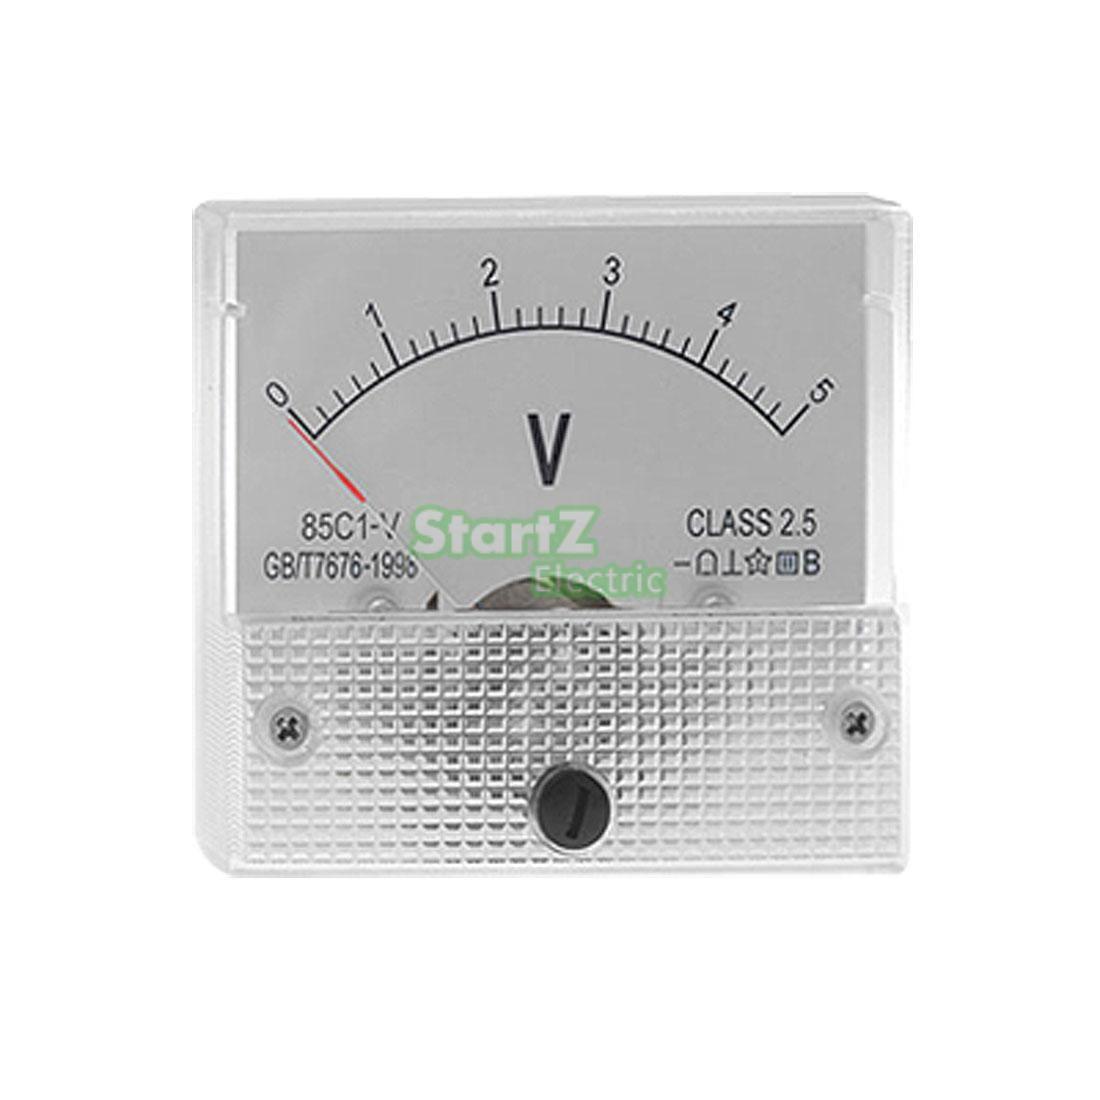 DC Analog Meter Panel 5 V Strom Spannung Amperemeter 85C1 0-5 V Gauge